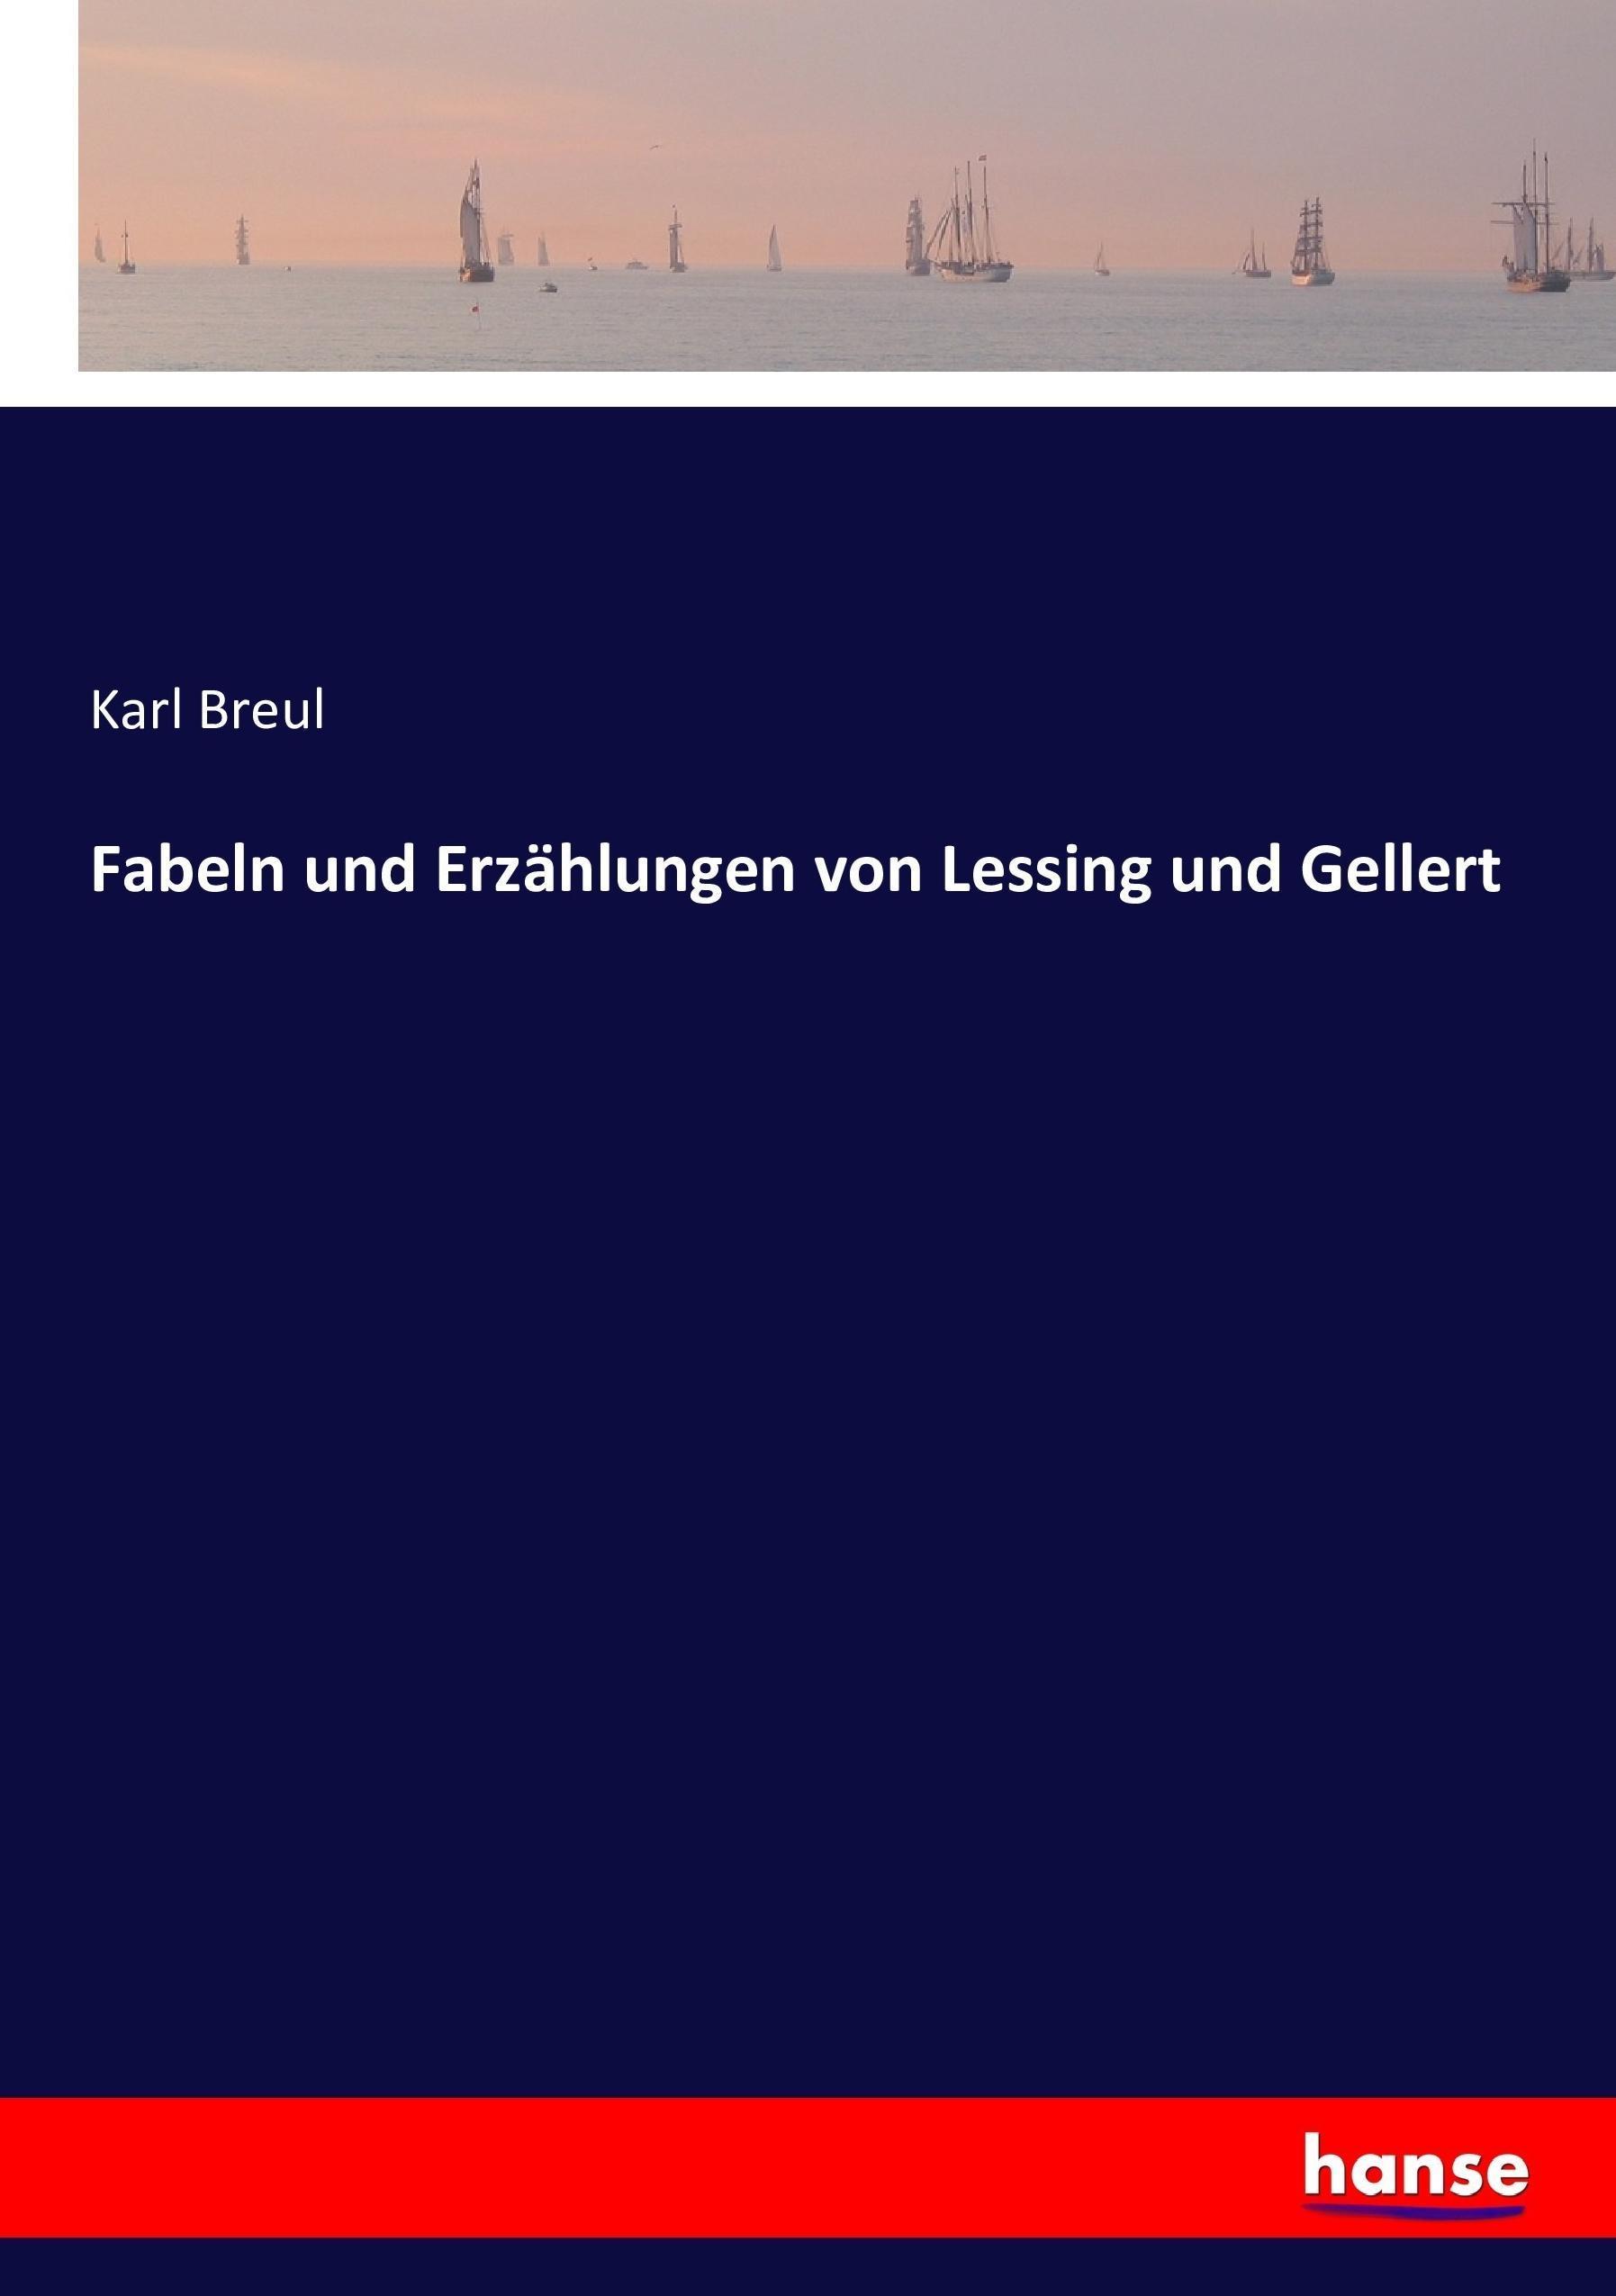 Fabeln und Erzählungen von Lessing und Gellert | Karl Breul |  9783743408715